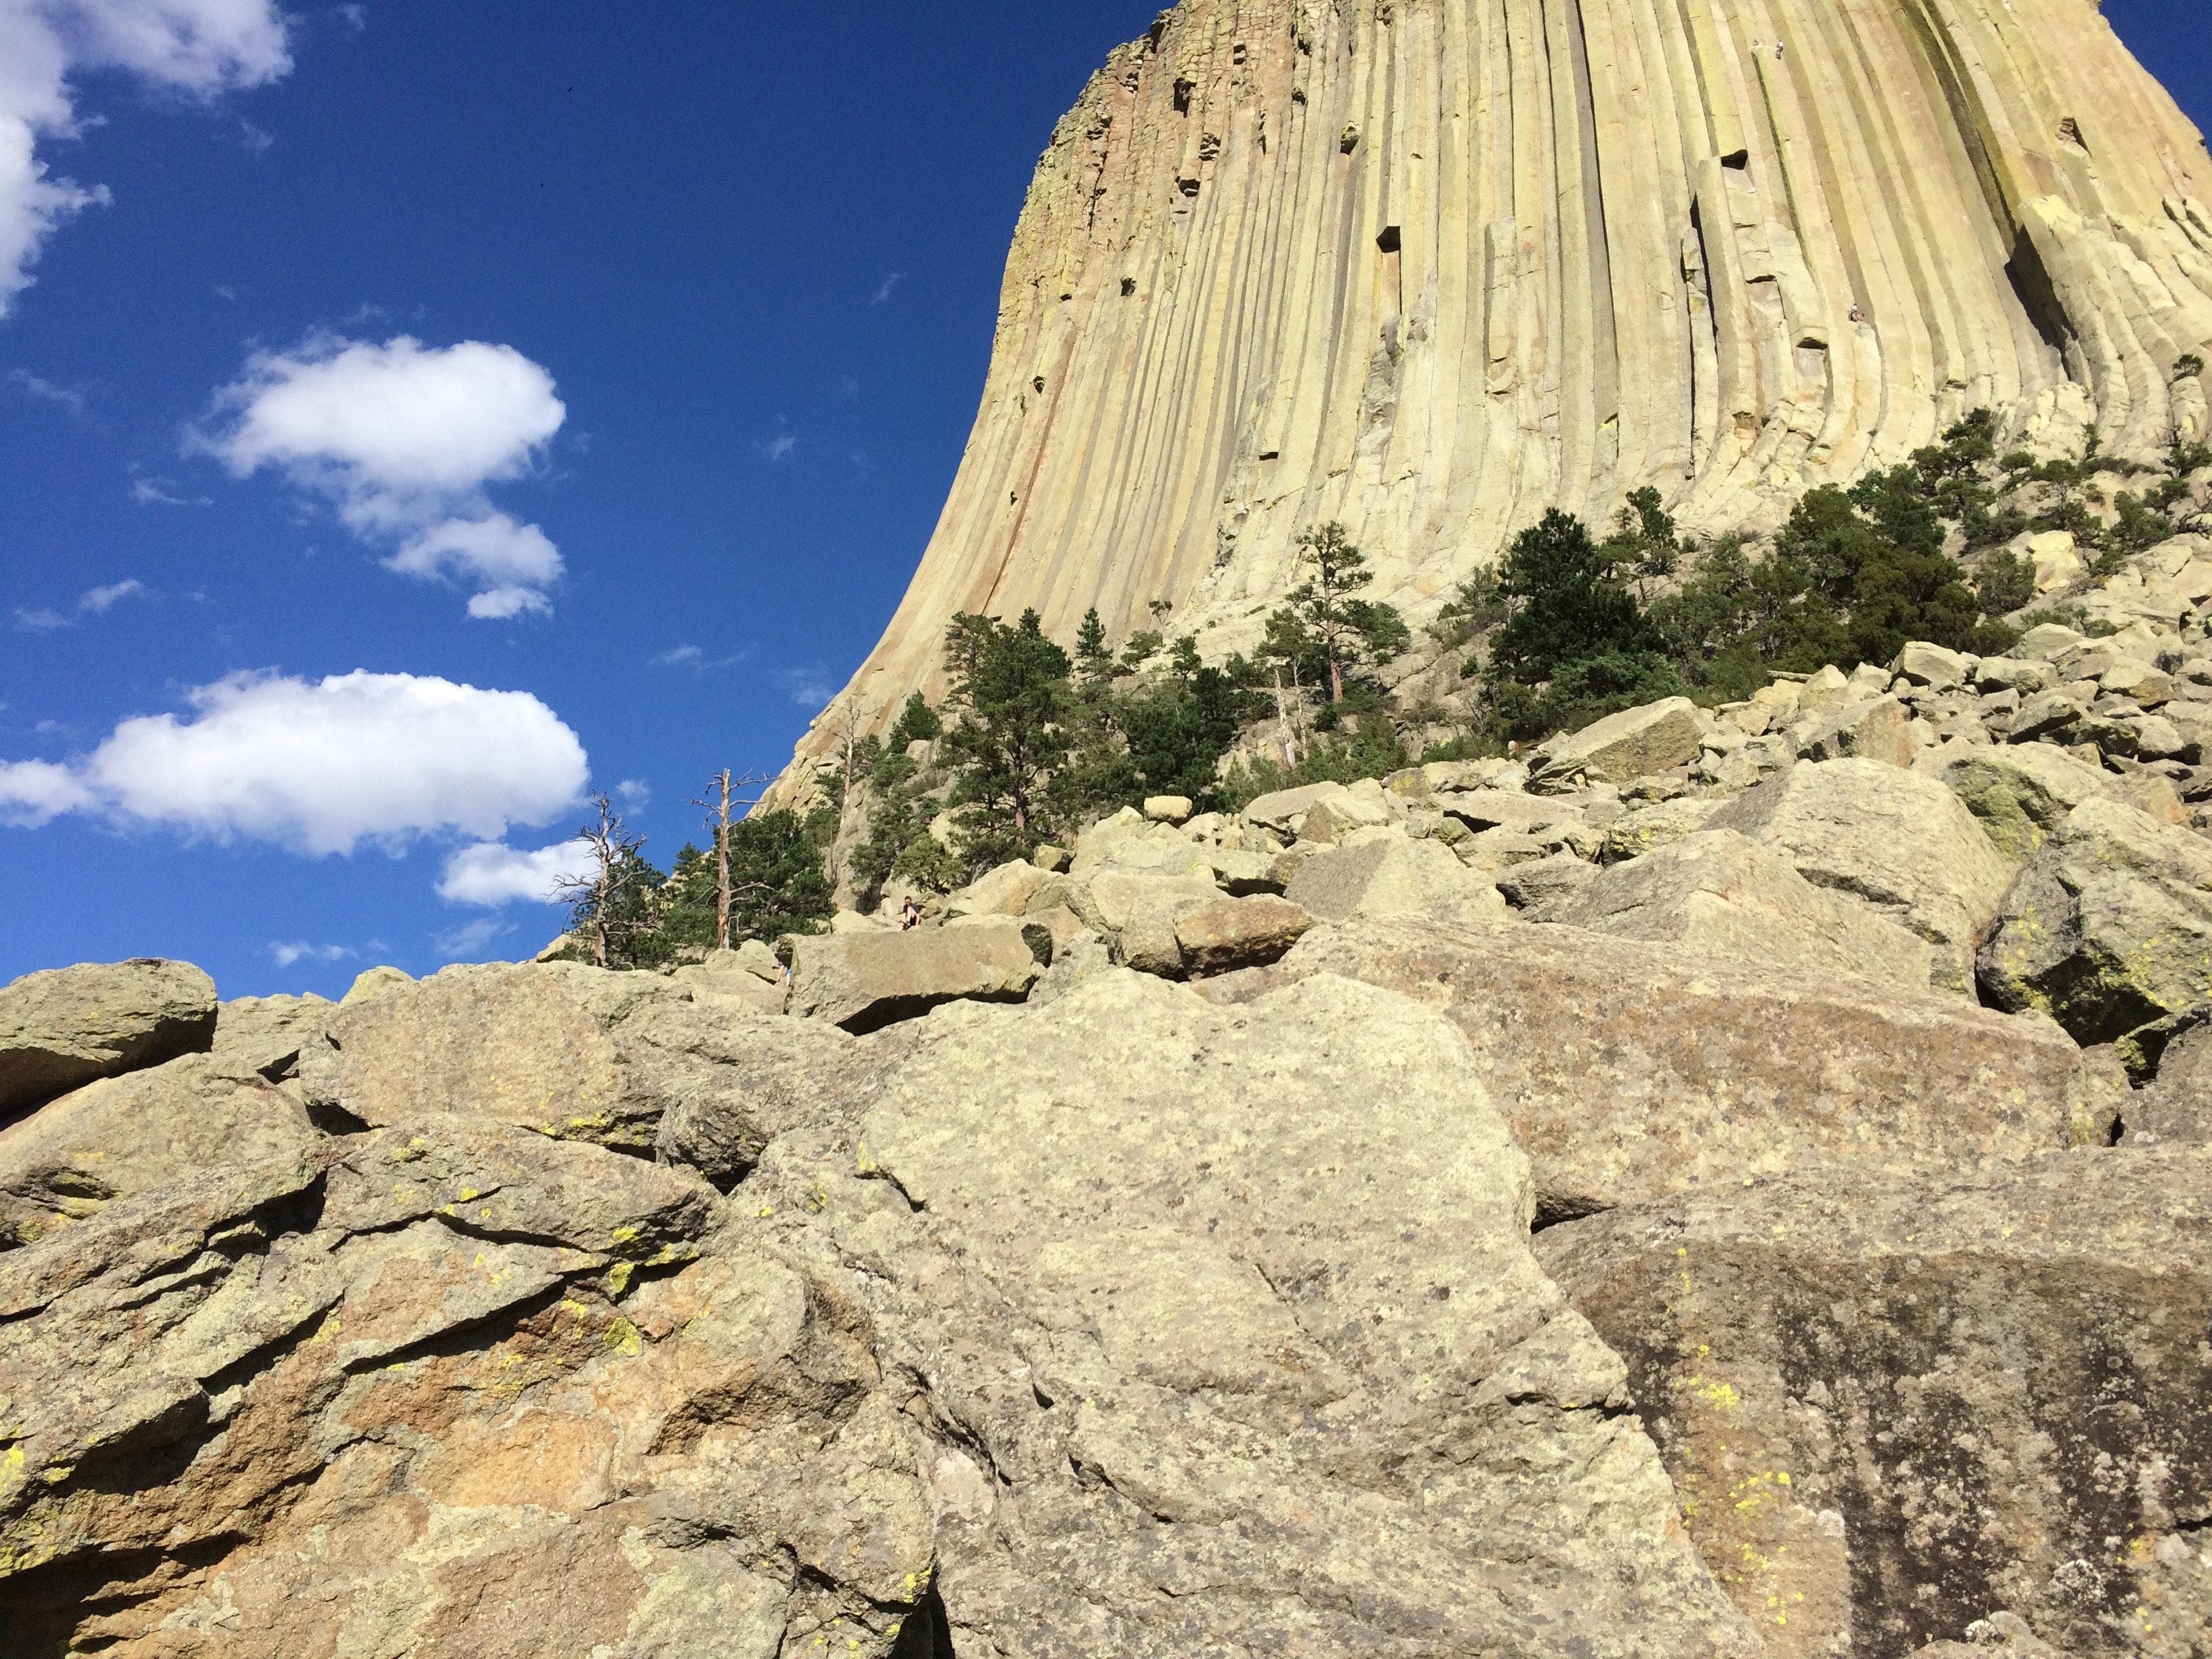 Tháp Quỷ 50 triệu năm tuổi – danh thắng hàng đầu nước Mỹ